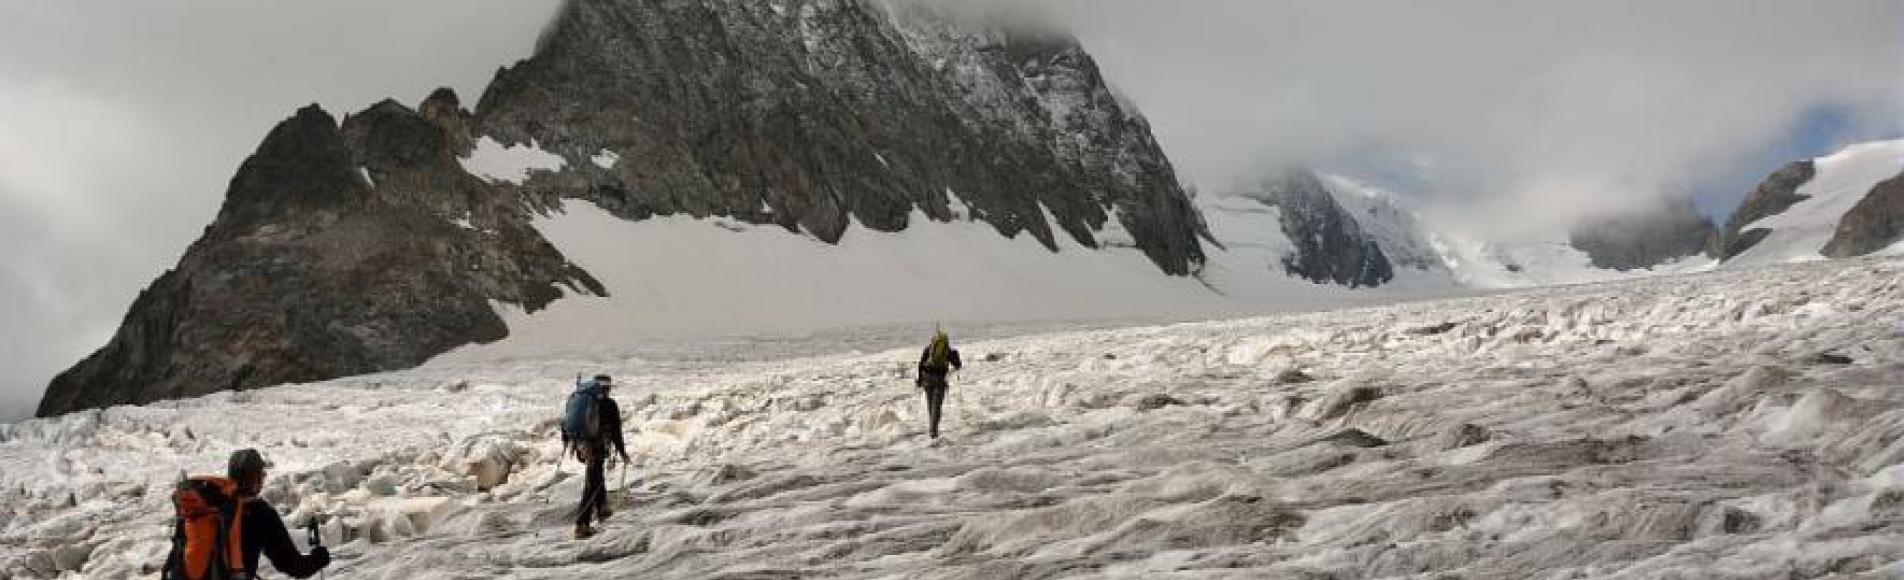 Relevés balises glacier Blanc - sept 2014 © M-Coulon - Parc national des Ecrins